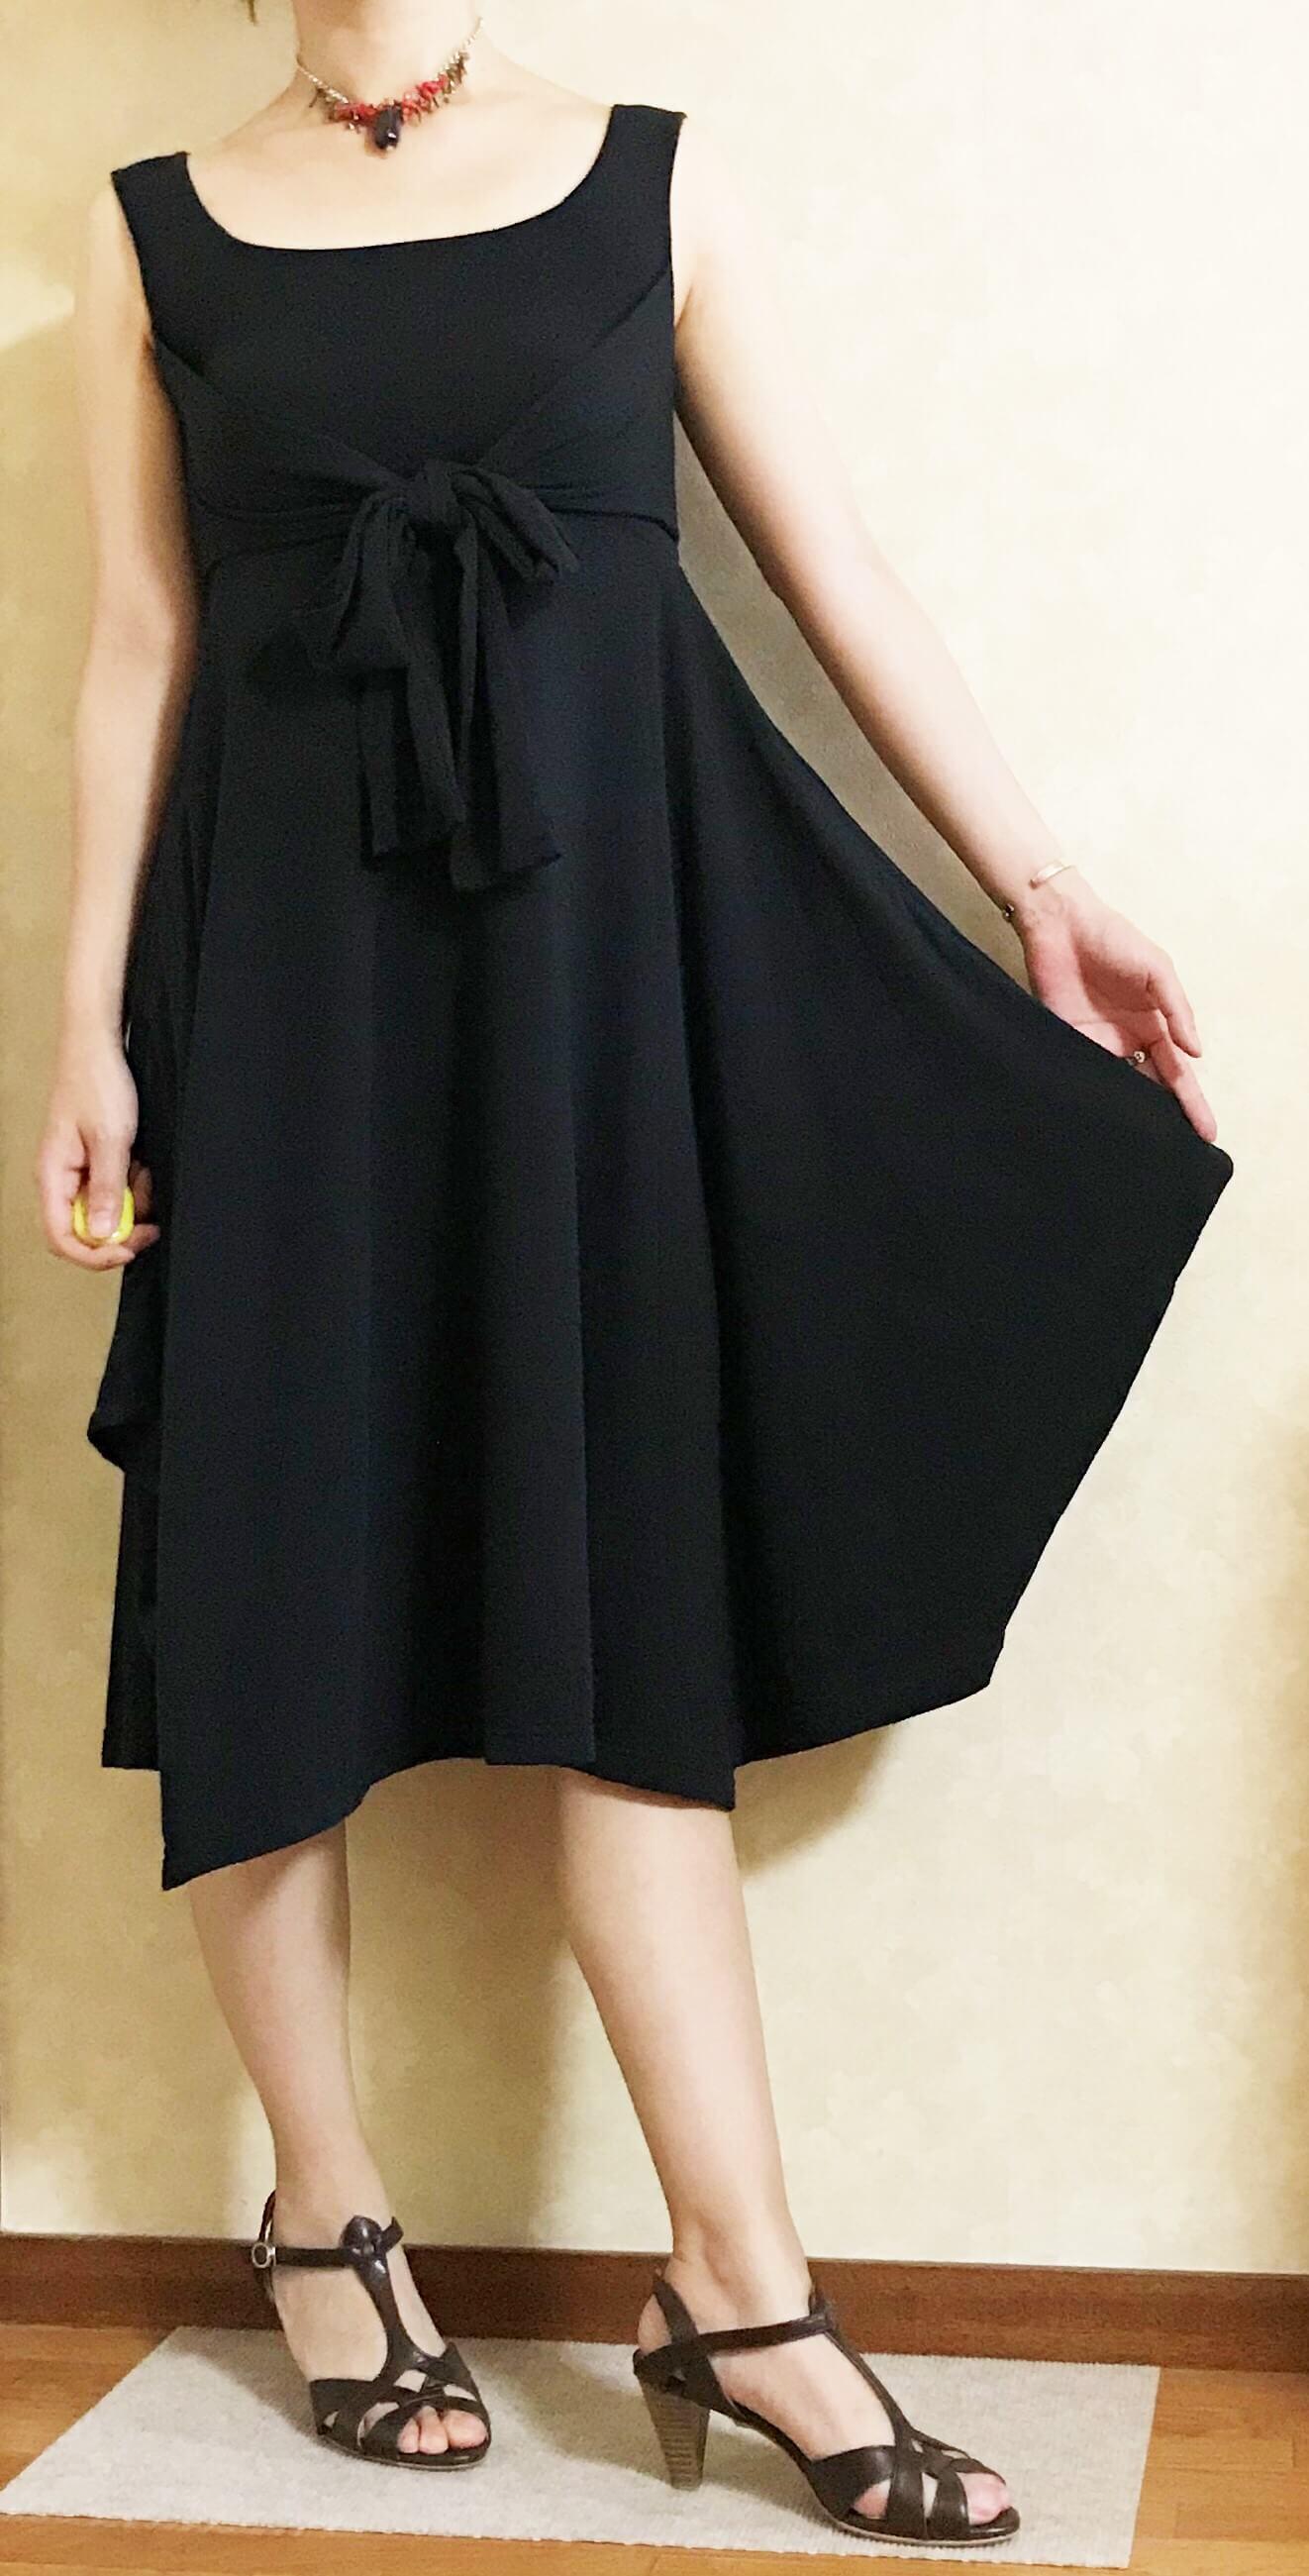 ブラックのワンピース(スカートの形)